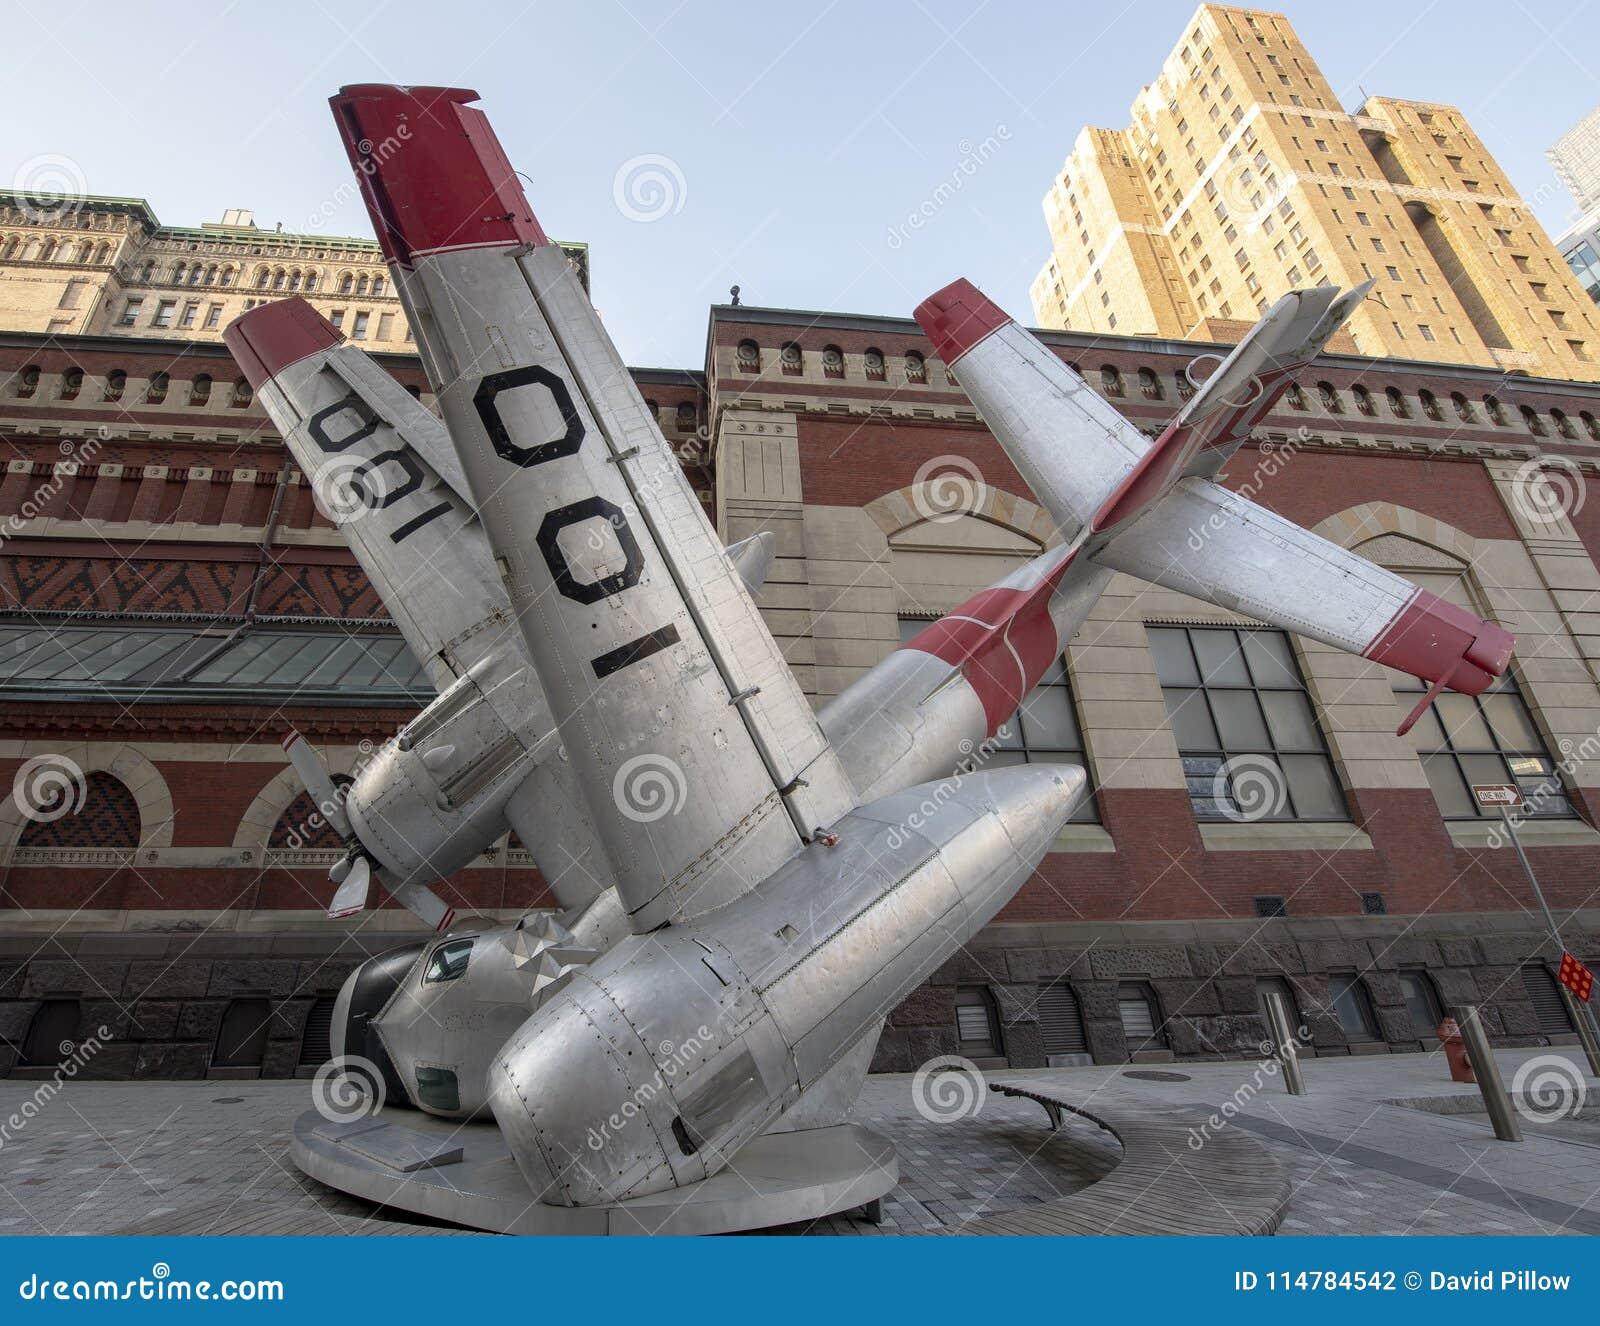 Avion écrasé, art de rue par Jordan Griska, Philadelphie